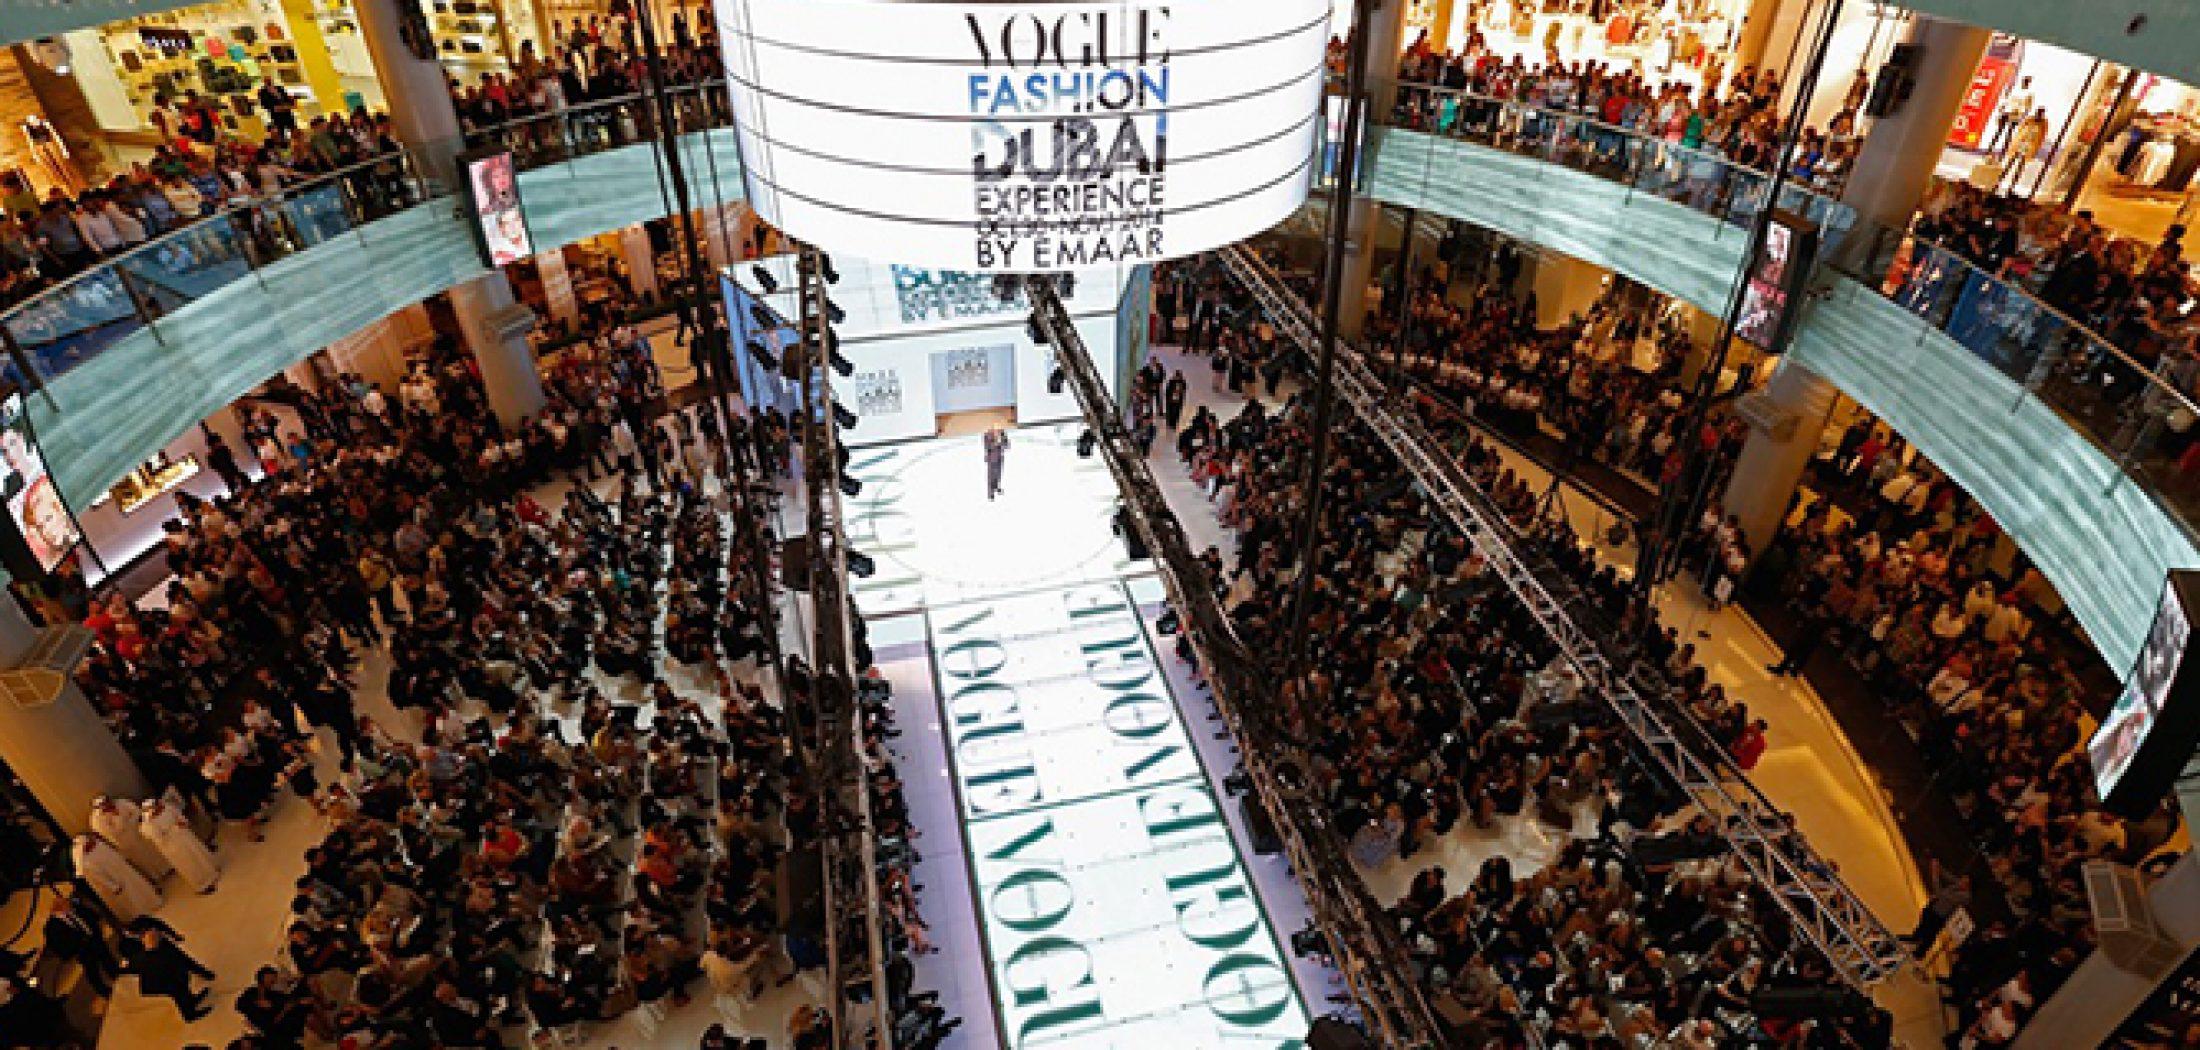 Dubai-Mall-bezoekrs-Vogue-Fashion